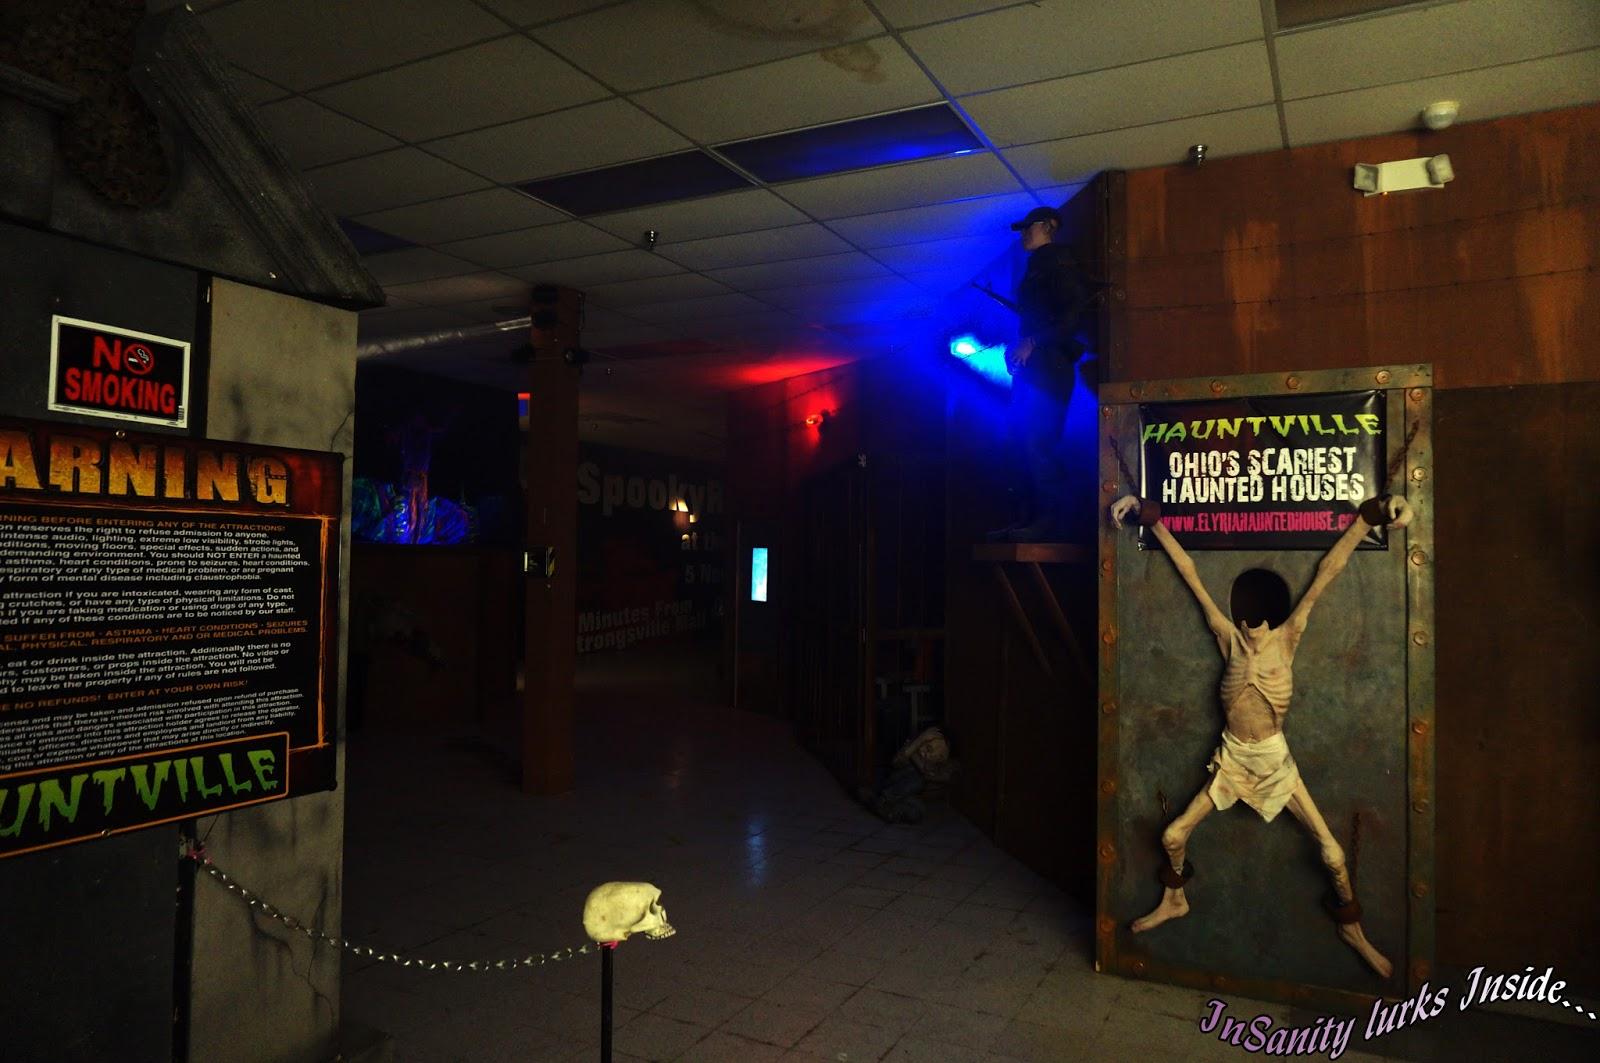 hauntville entrance